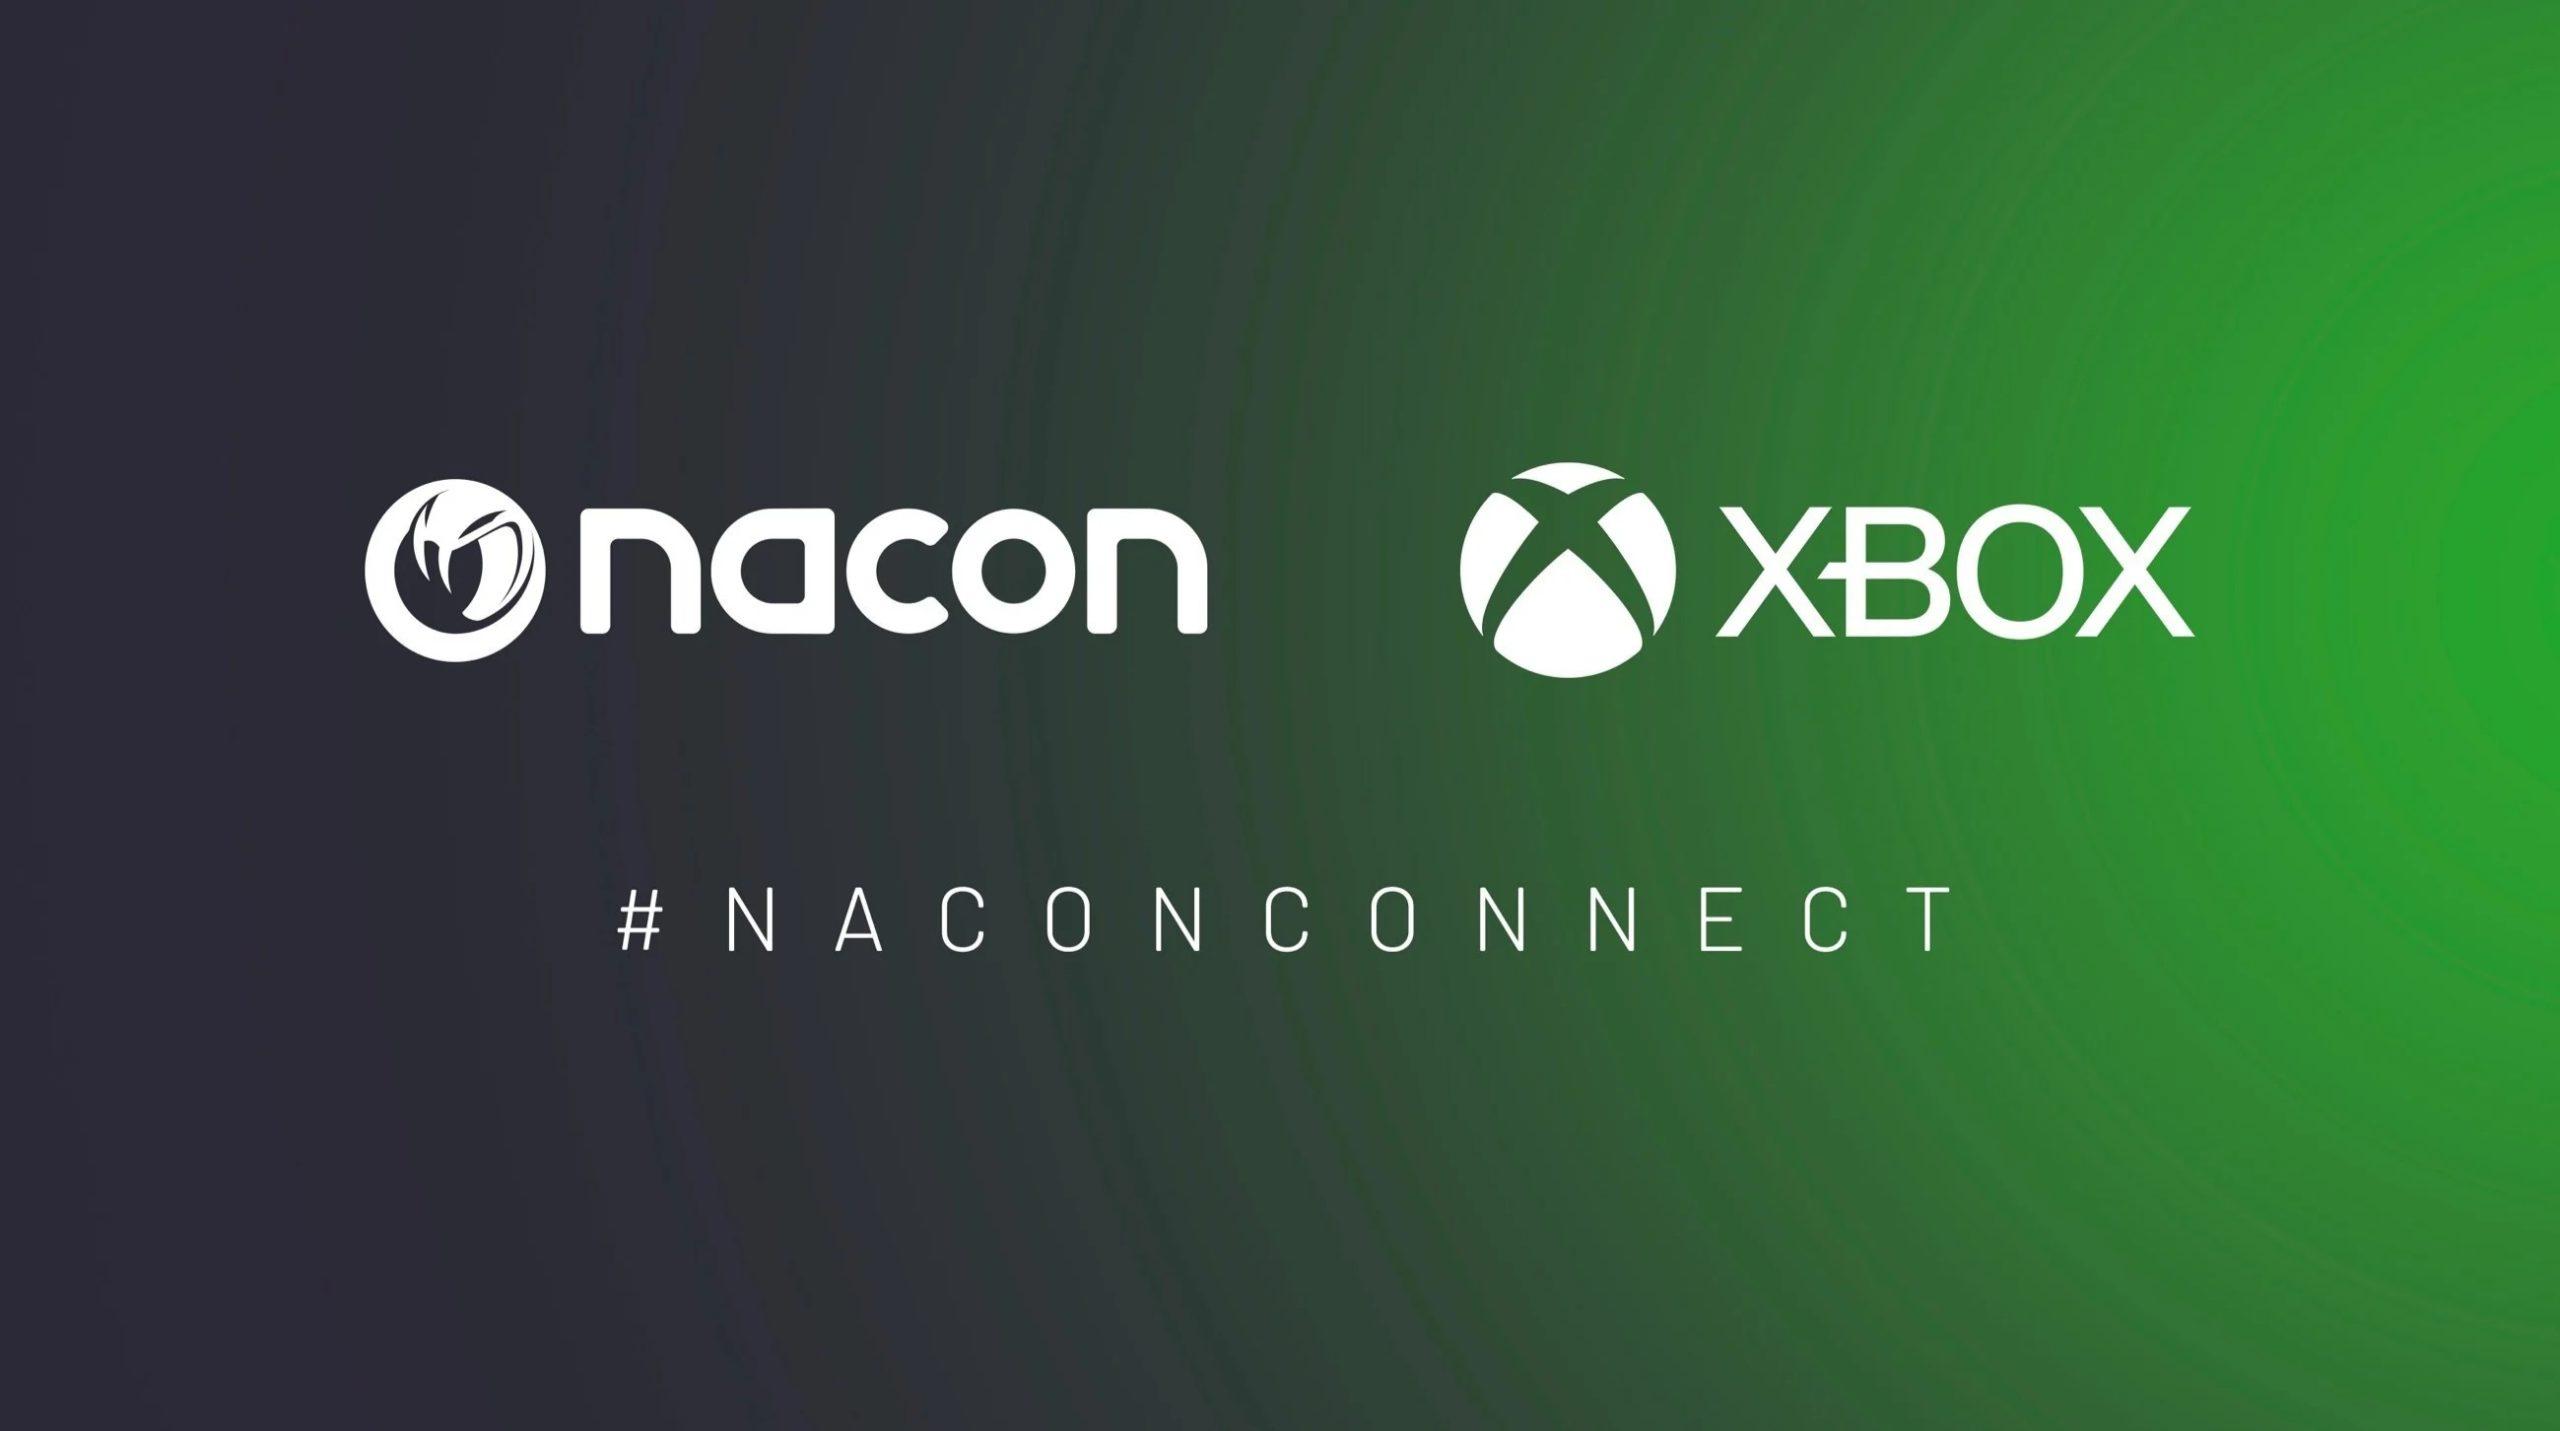 NaconXMicrsoft